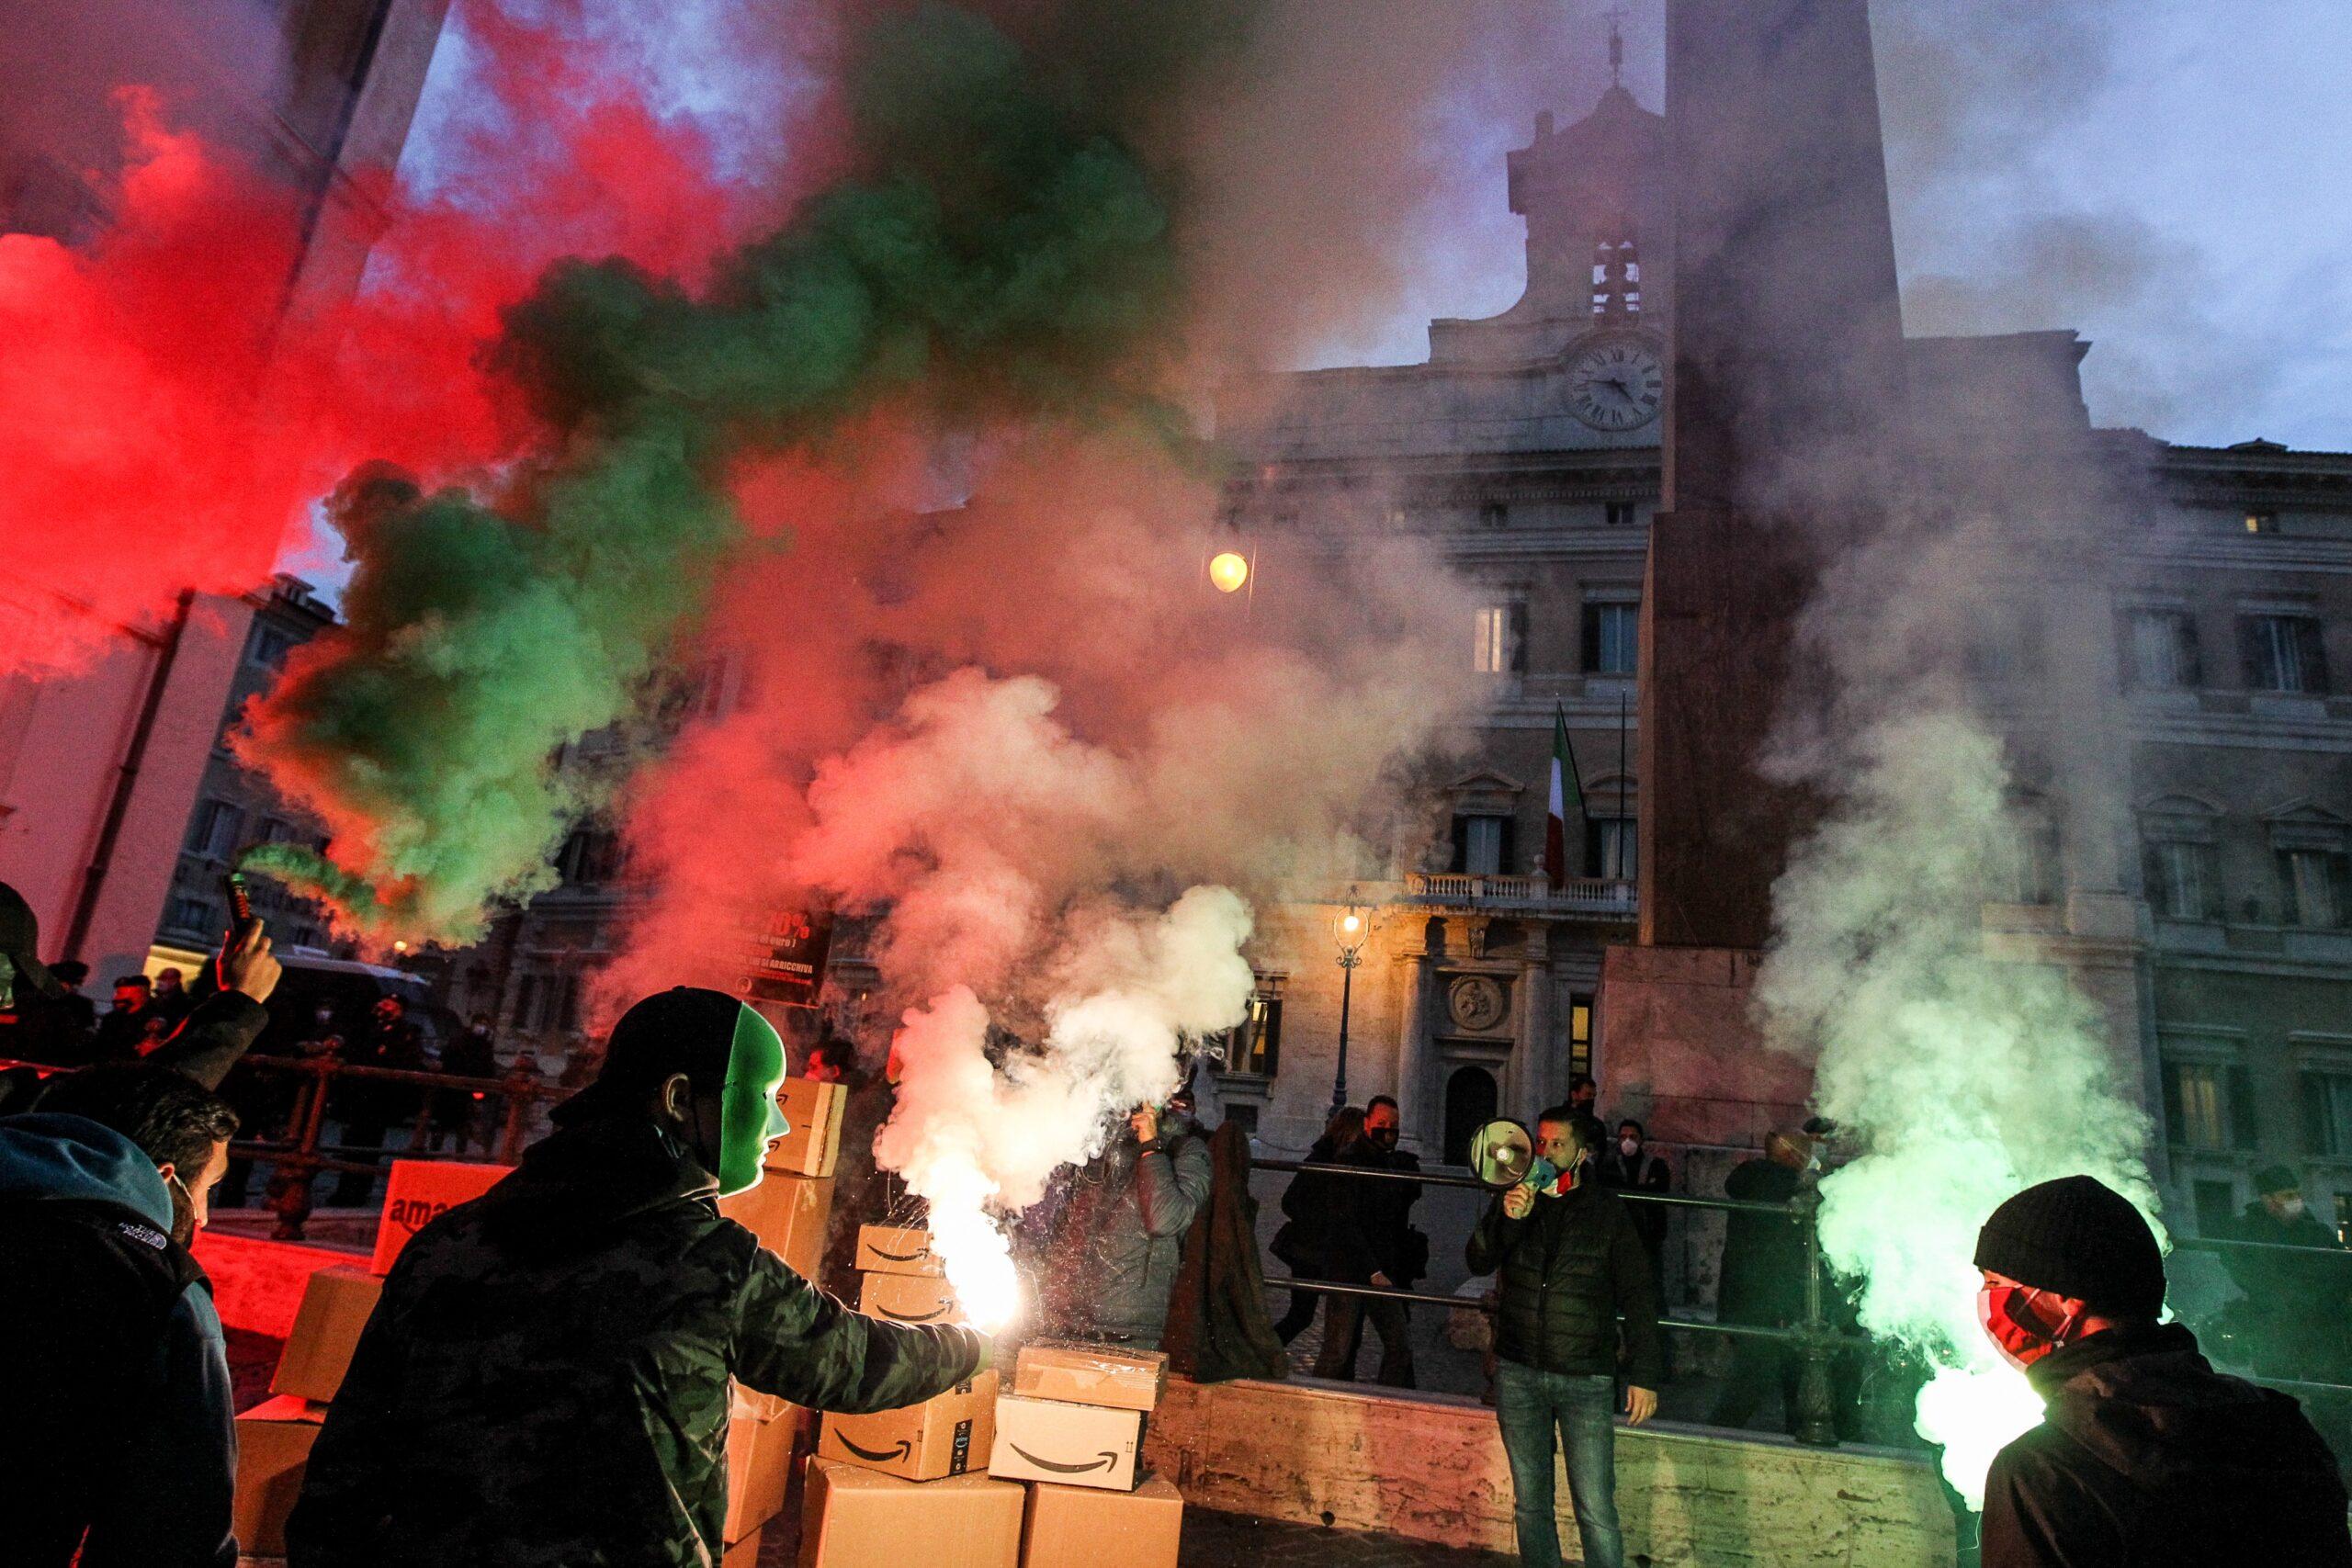 Il black friday delle mascherine tricolore contro Amazon. Le foto